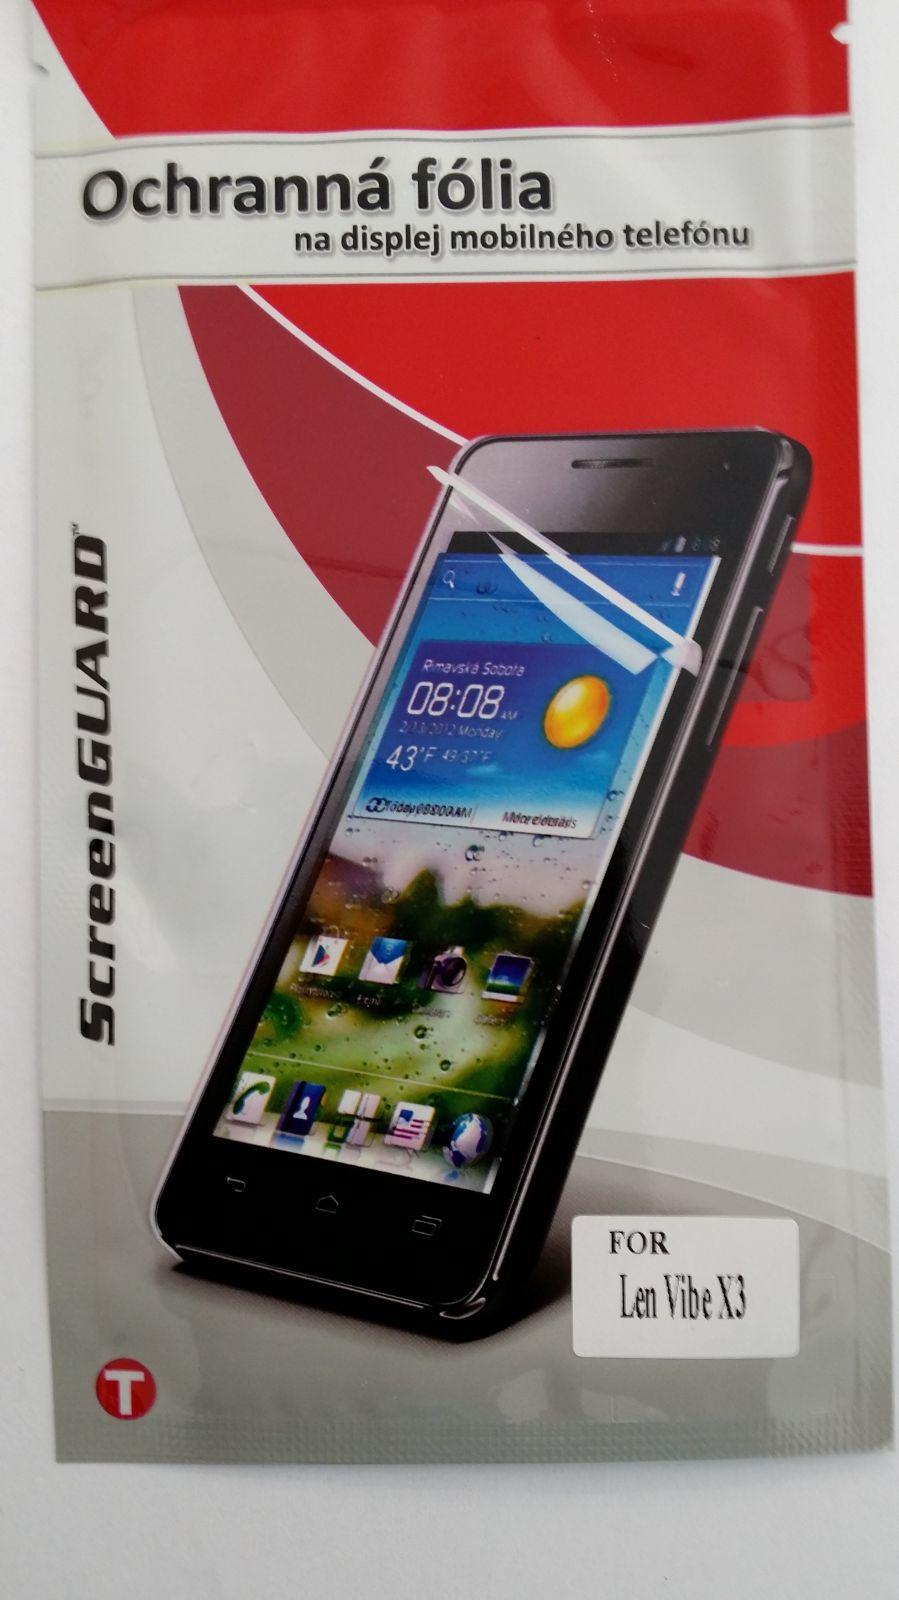 Ochranná folie Mobilnet Lenovo Vibe X3